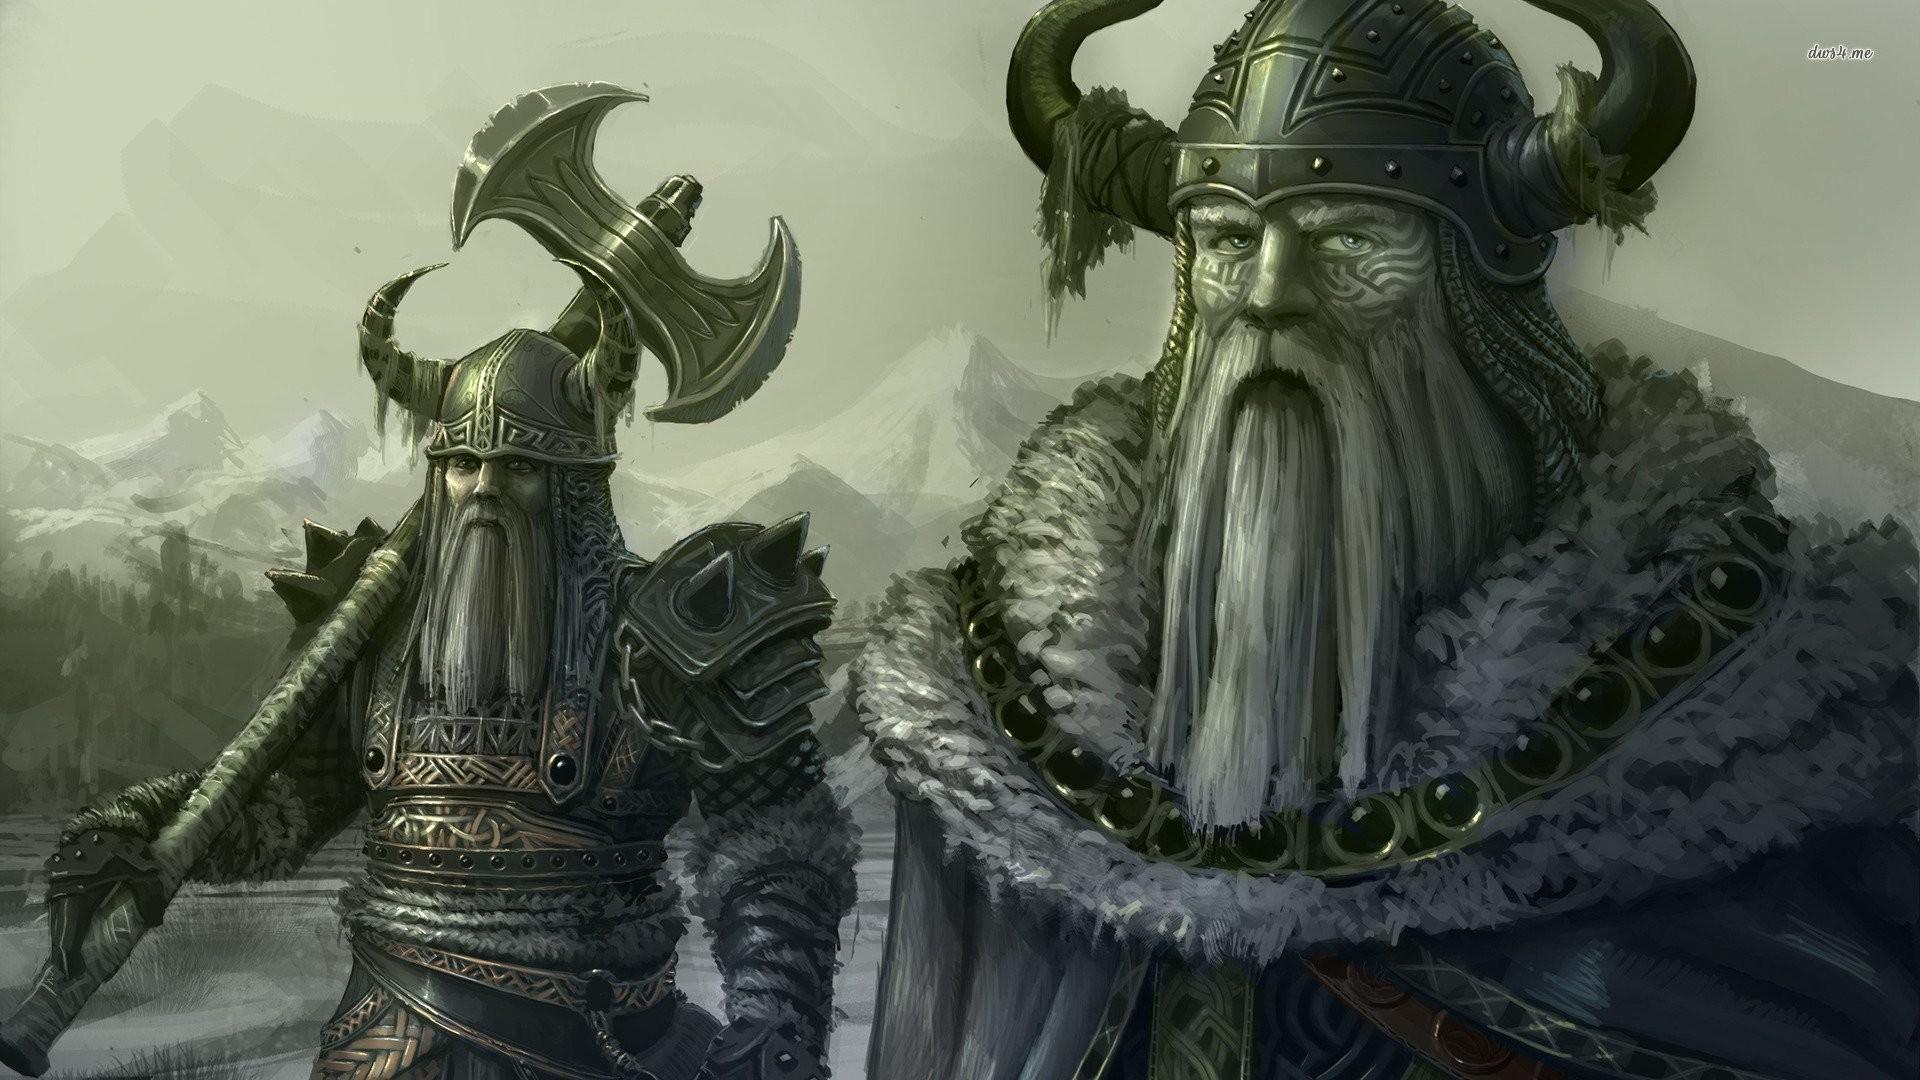 Viking Fantasy Wallpapers | WallpapersIn4k.net